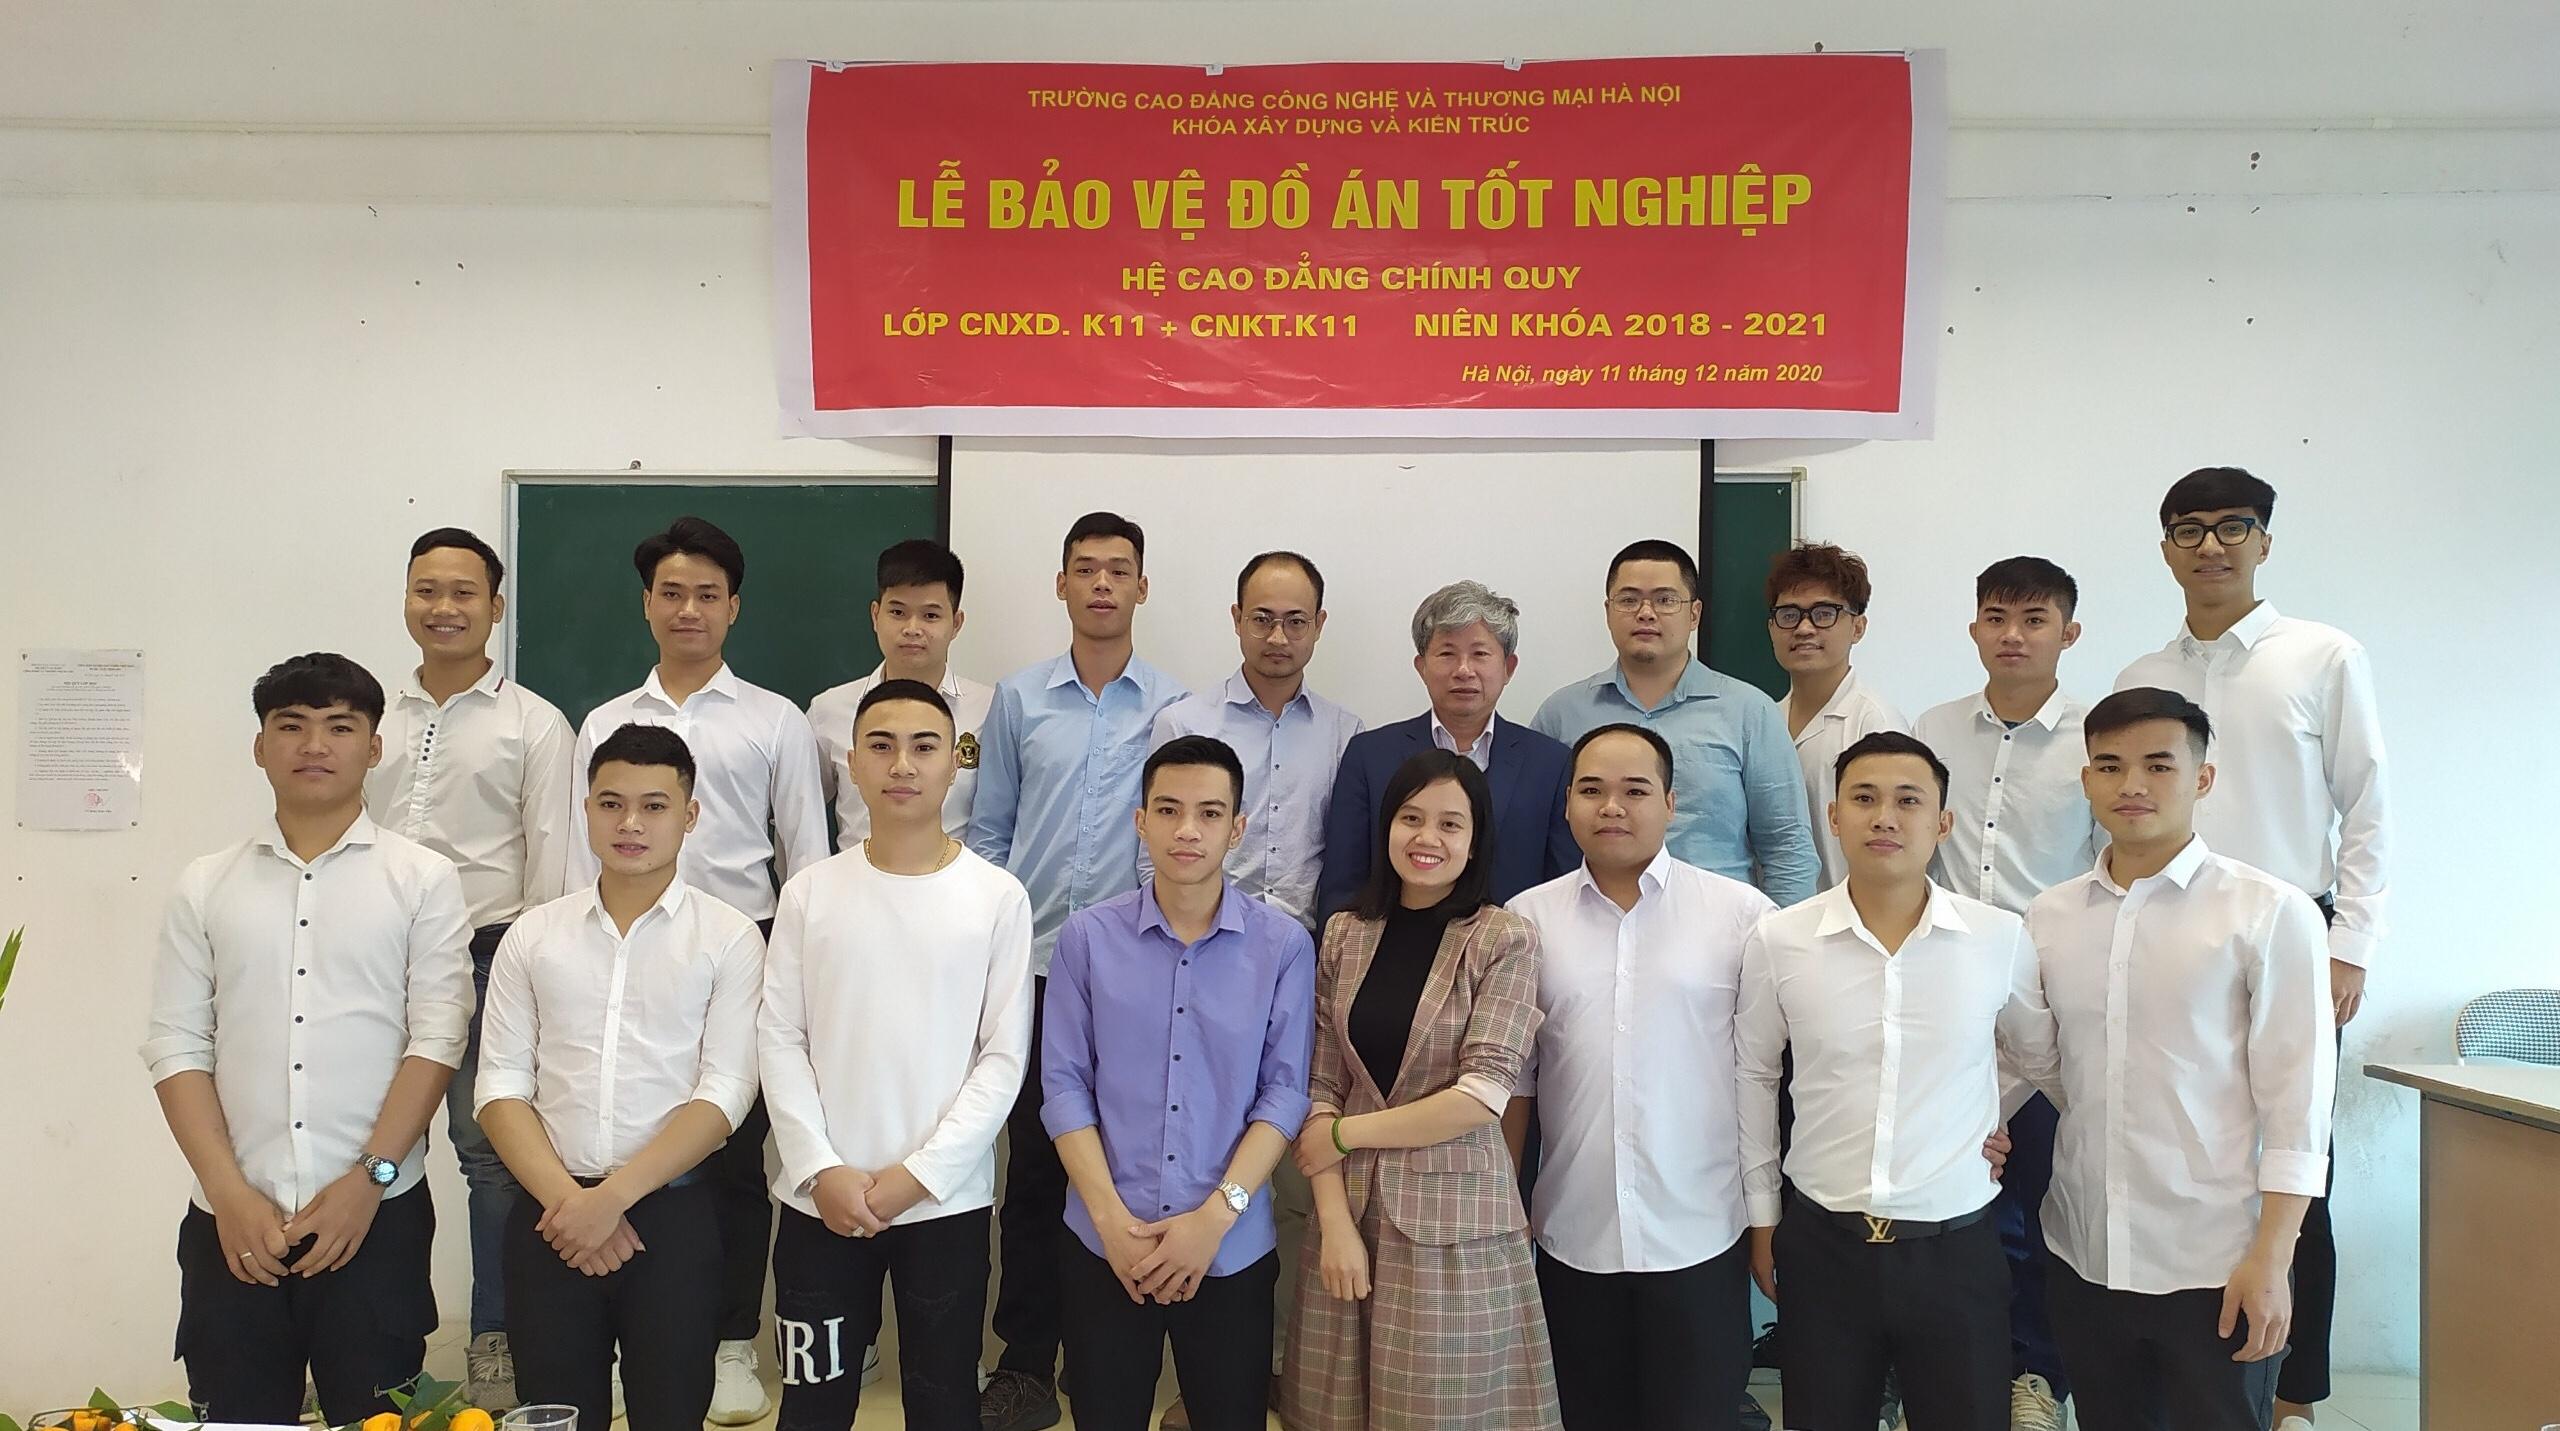 Lễ bảo vệ đồ án tốt nghiệp sinh viên kha Xây dựng và Kiến trúc khóa 11